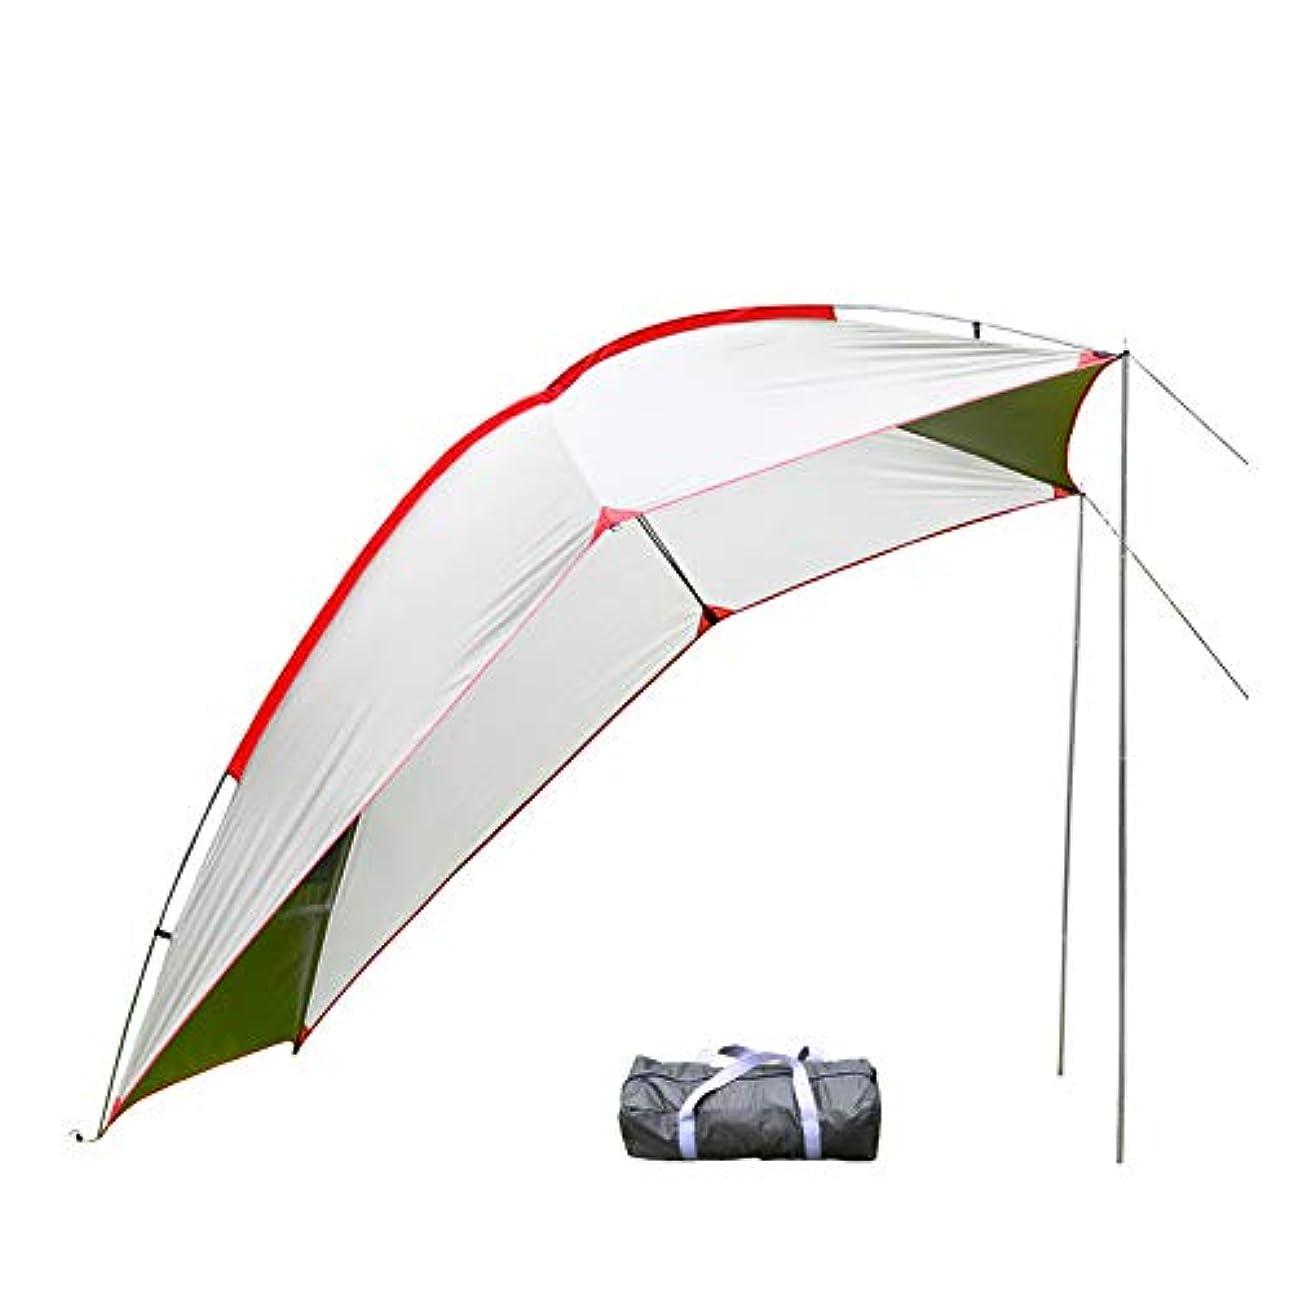 終点悲鳴みがきますタープ テント カーサイドタープ 車用 日よけ カーテント 設営簡単 単体使用可能 キャンプ テント アウトドア 公園 登山 車中泊 4色